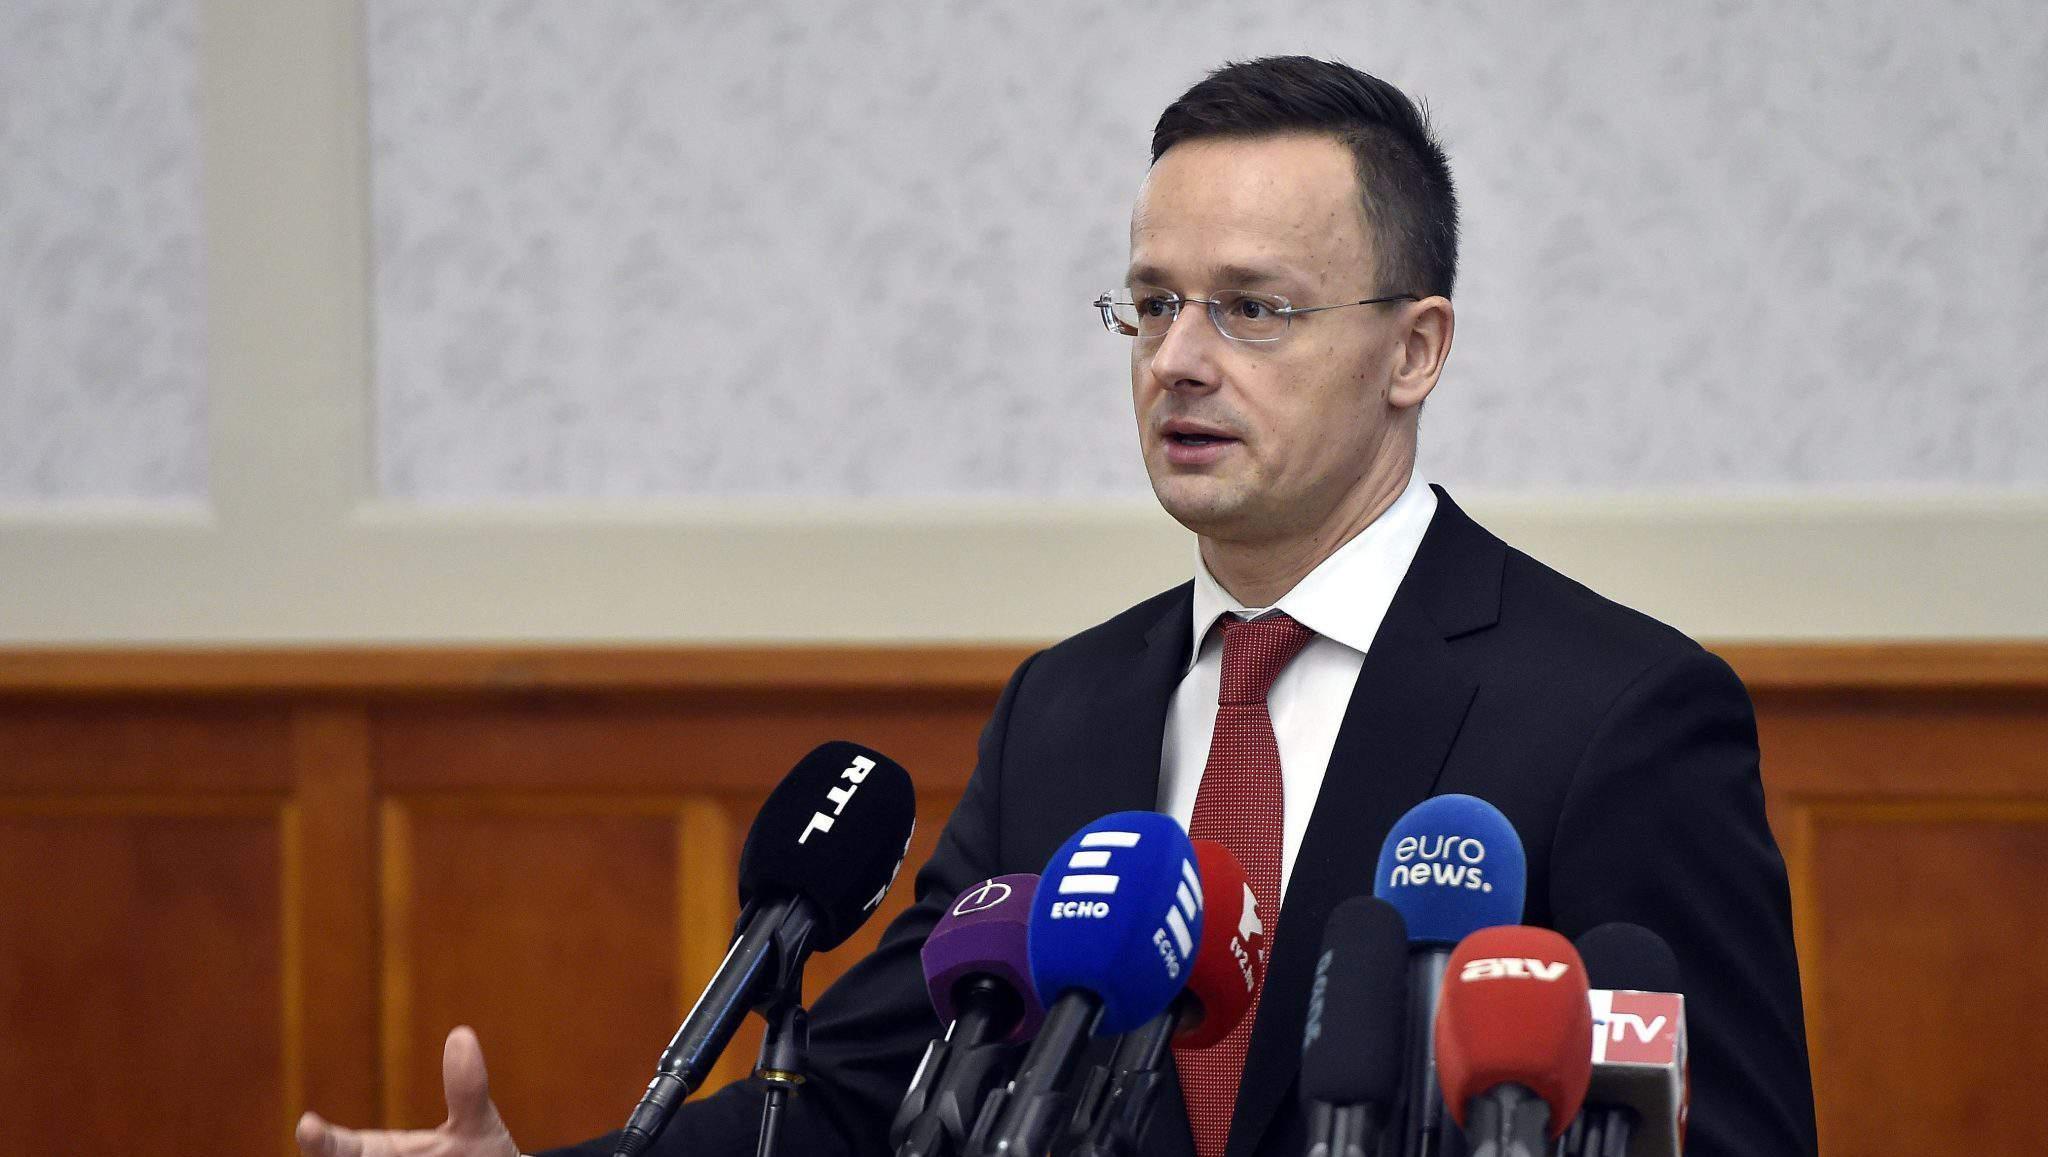 Péter Szijjártó foreign minister